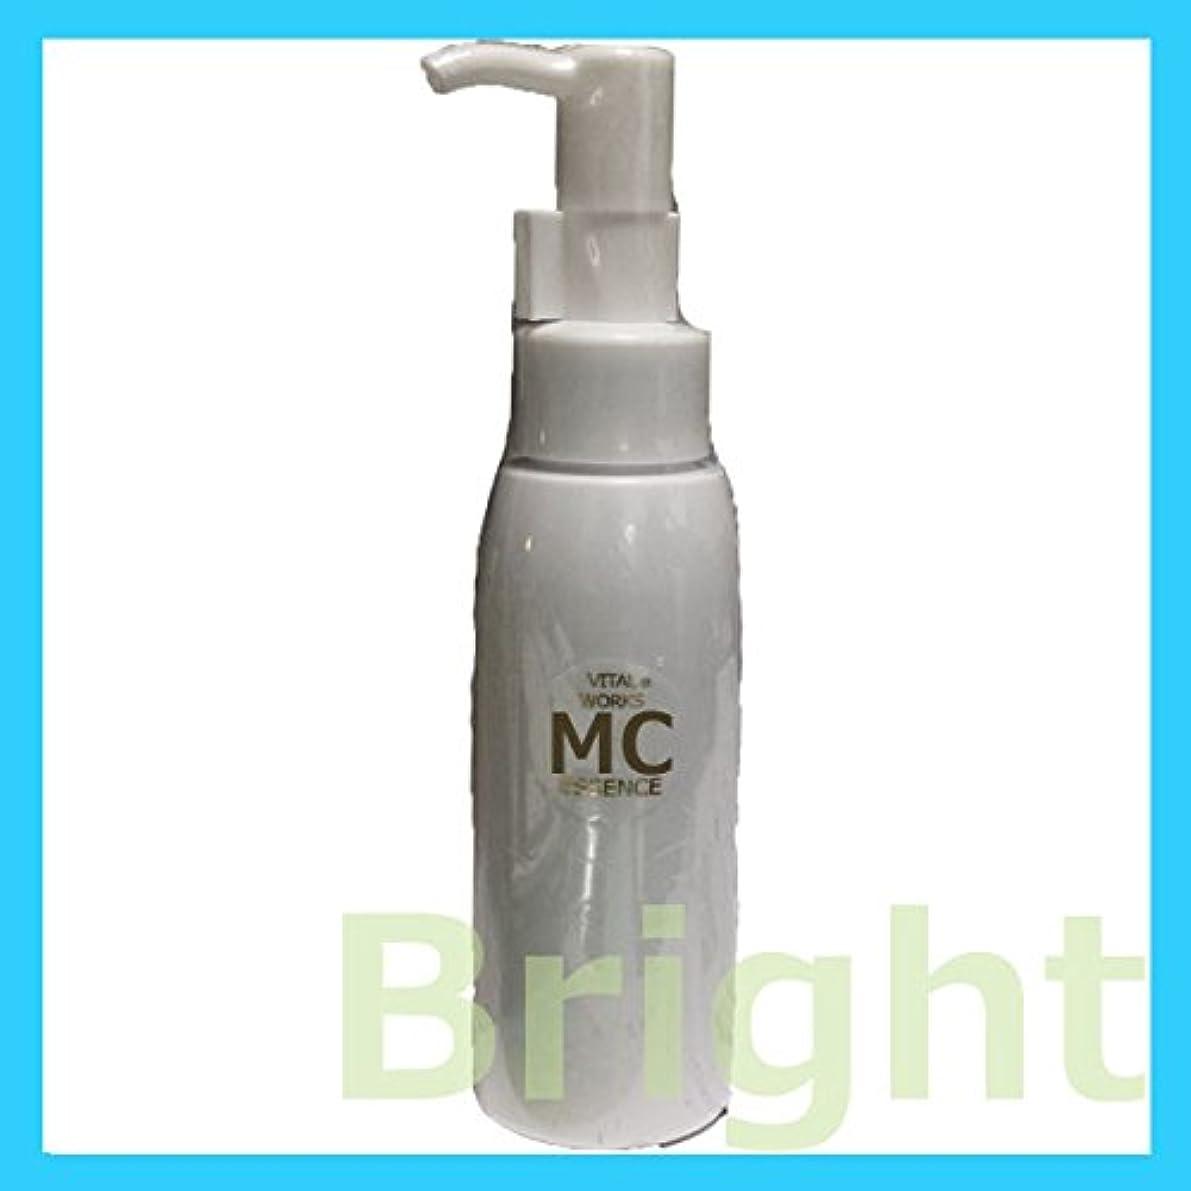 バイタルワークス MCエッセンス 業務用 100ml (ハリ?弾力) 高機能美容液